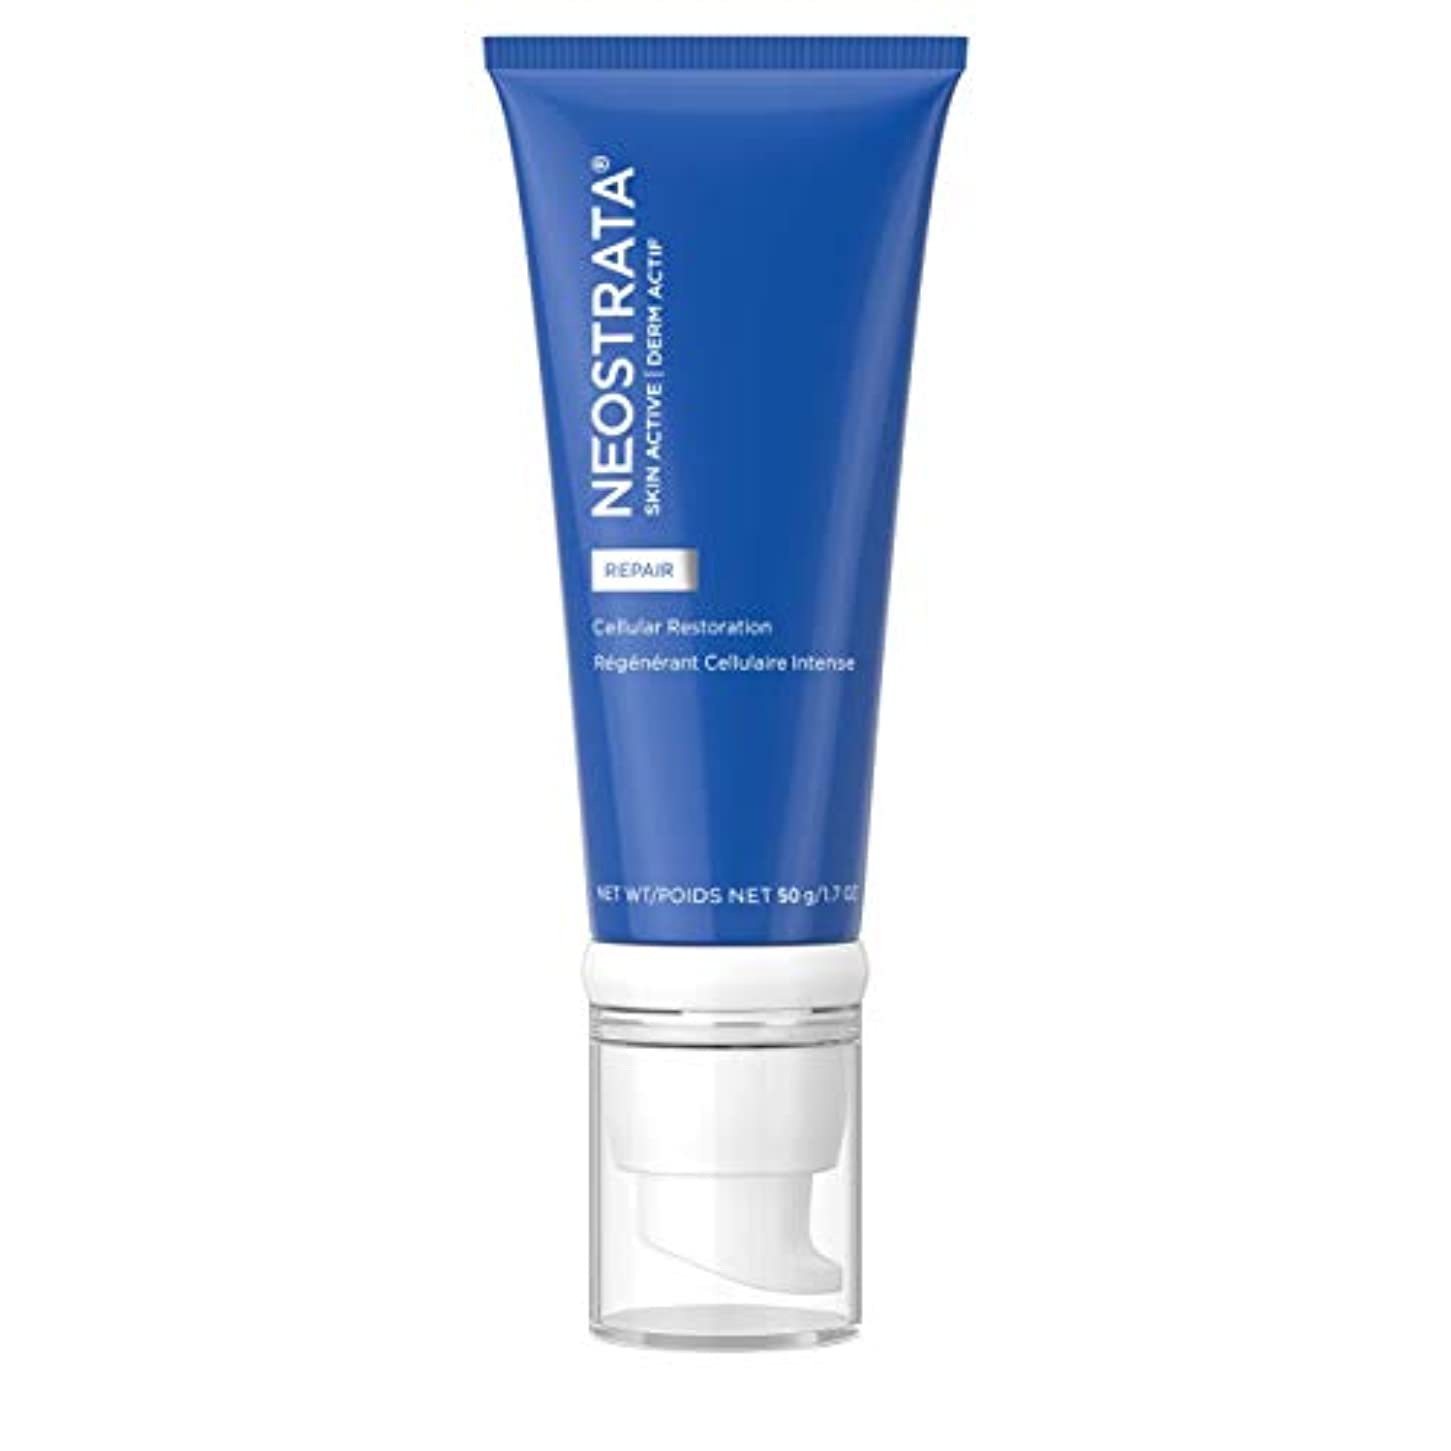 自動的に製作アンタゴニストネオストラータ Skin Active Derm Actif Repair - Cellular Restoration 50g/1.7oz並行輸入品